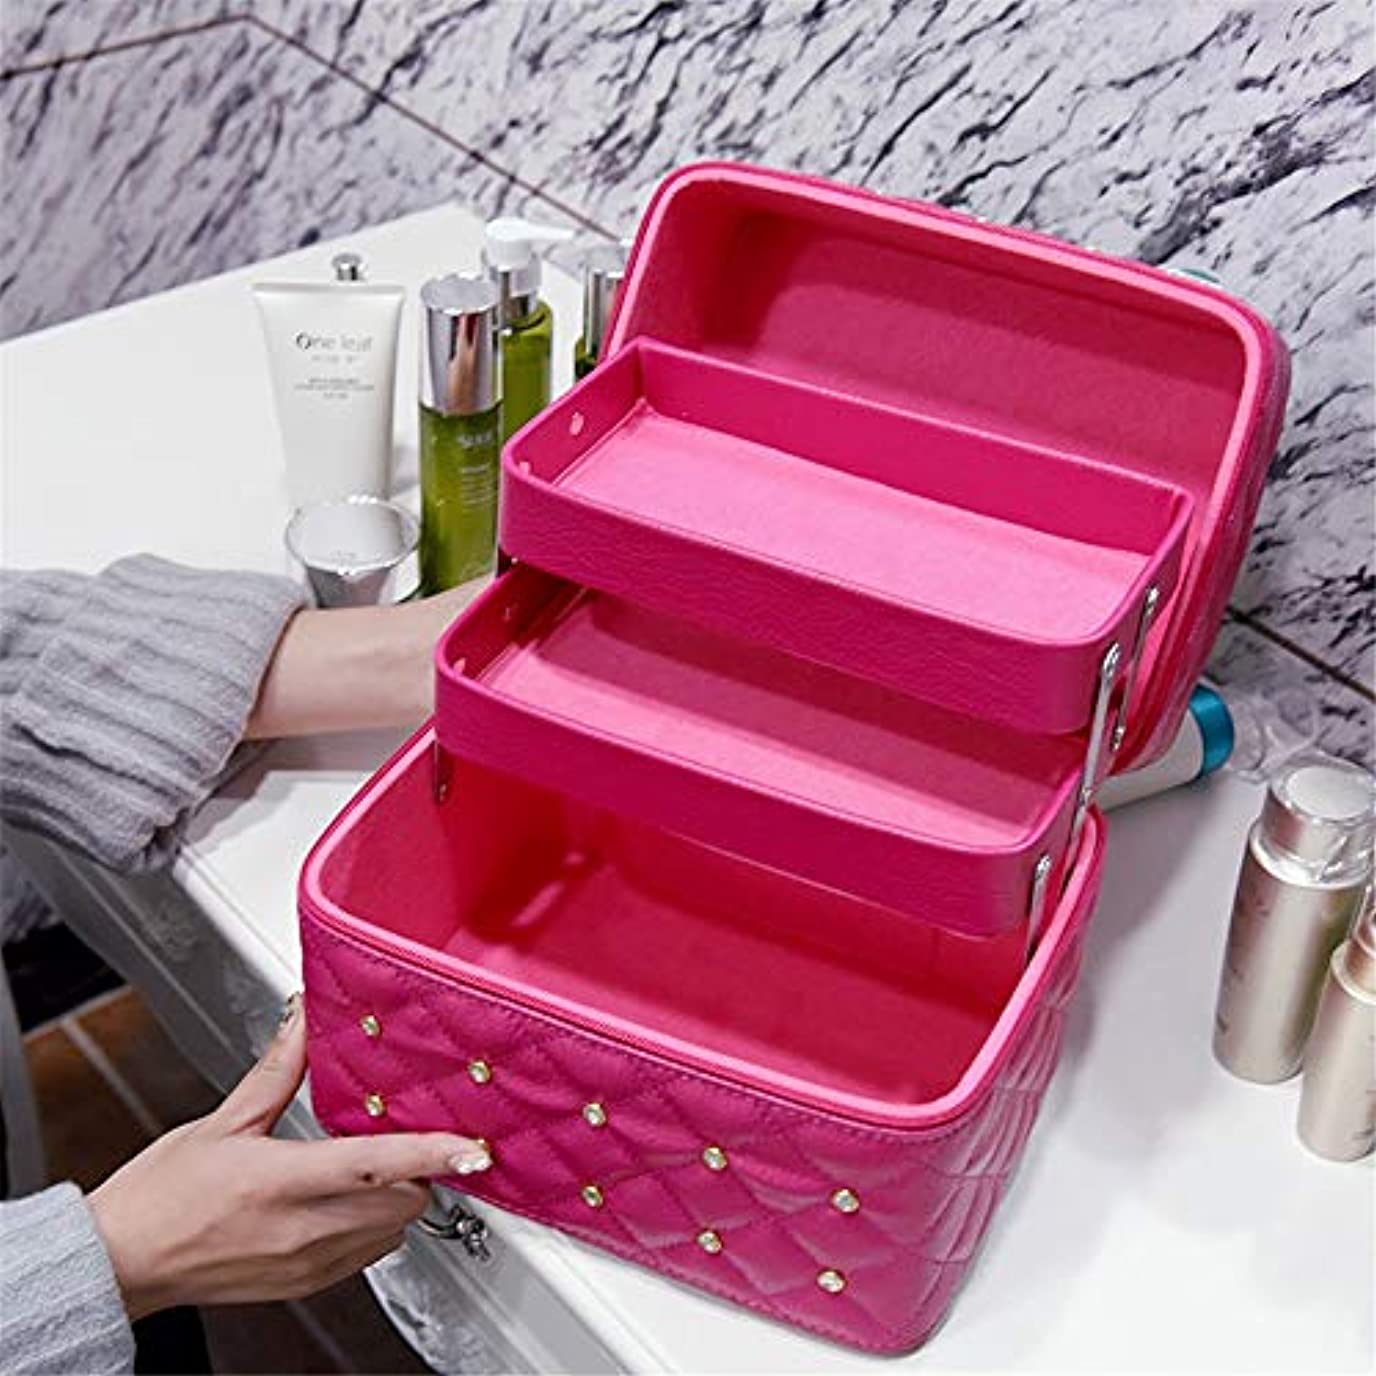 助言即席球状特大スペース収納ビューティーボックス 美の構造のためそしてジッパーおよび折る皿が付いている女の子の女性旅行そして毎日の貯蔵のための高容量の携帯用化粧品袋 化粧品化粧台